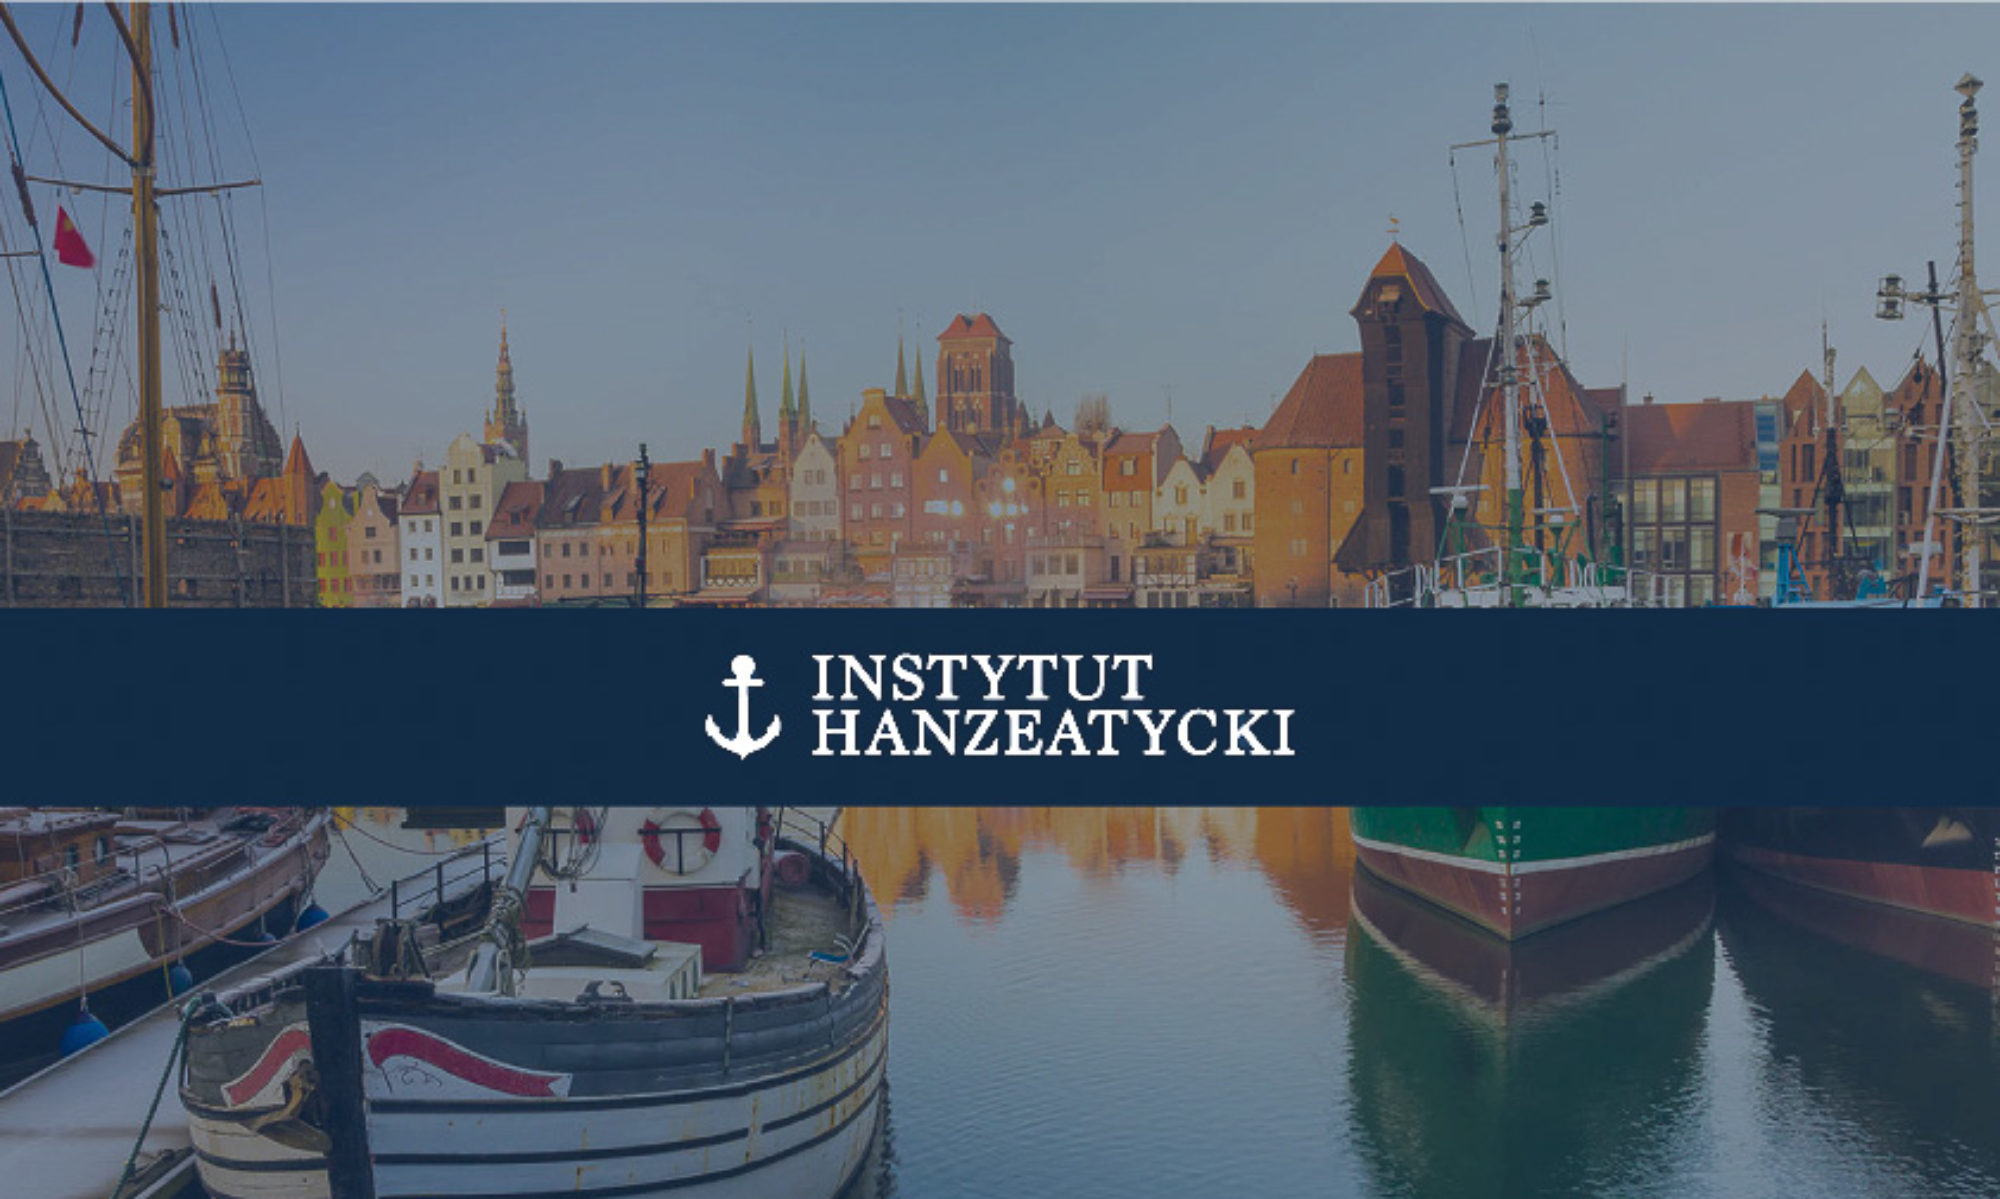 www.ihanza.eu